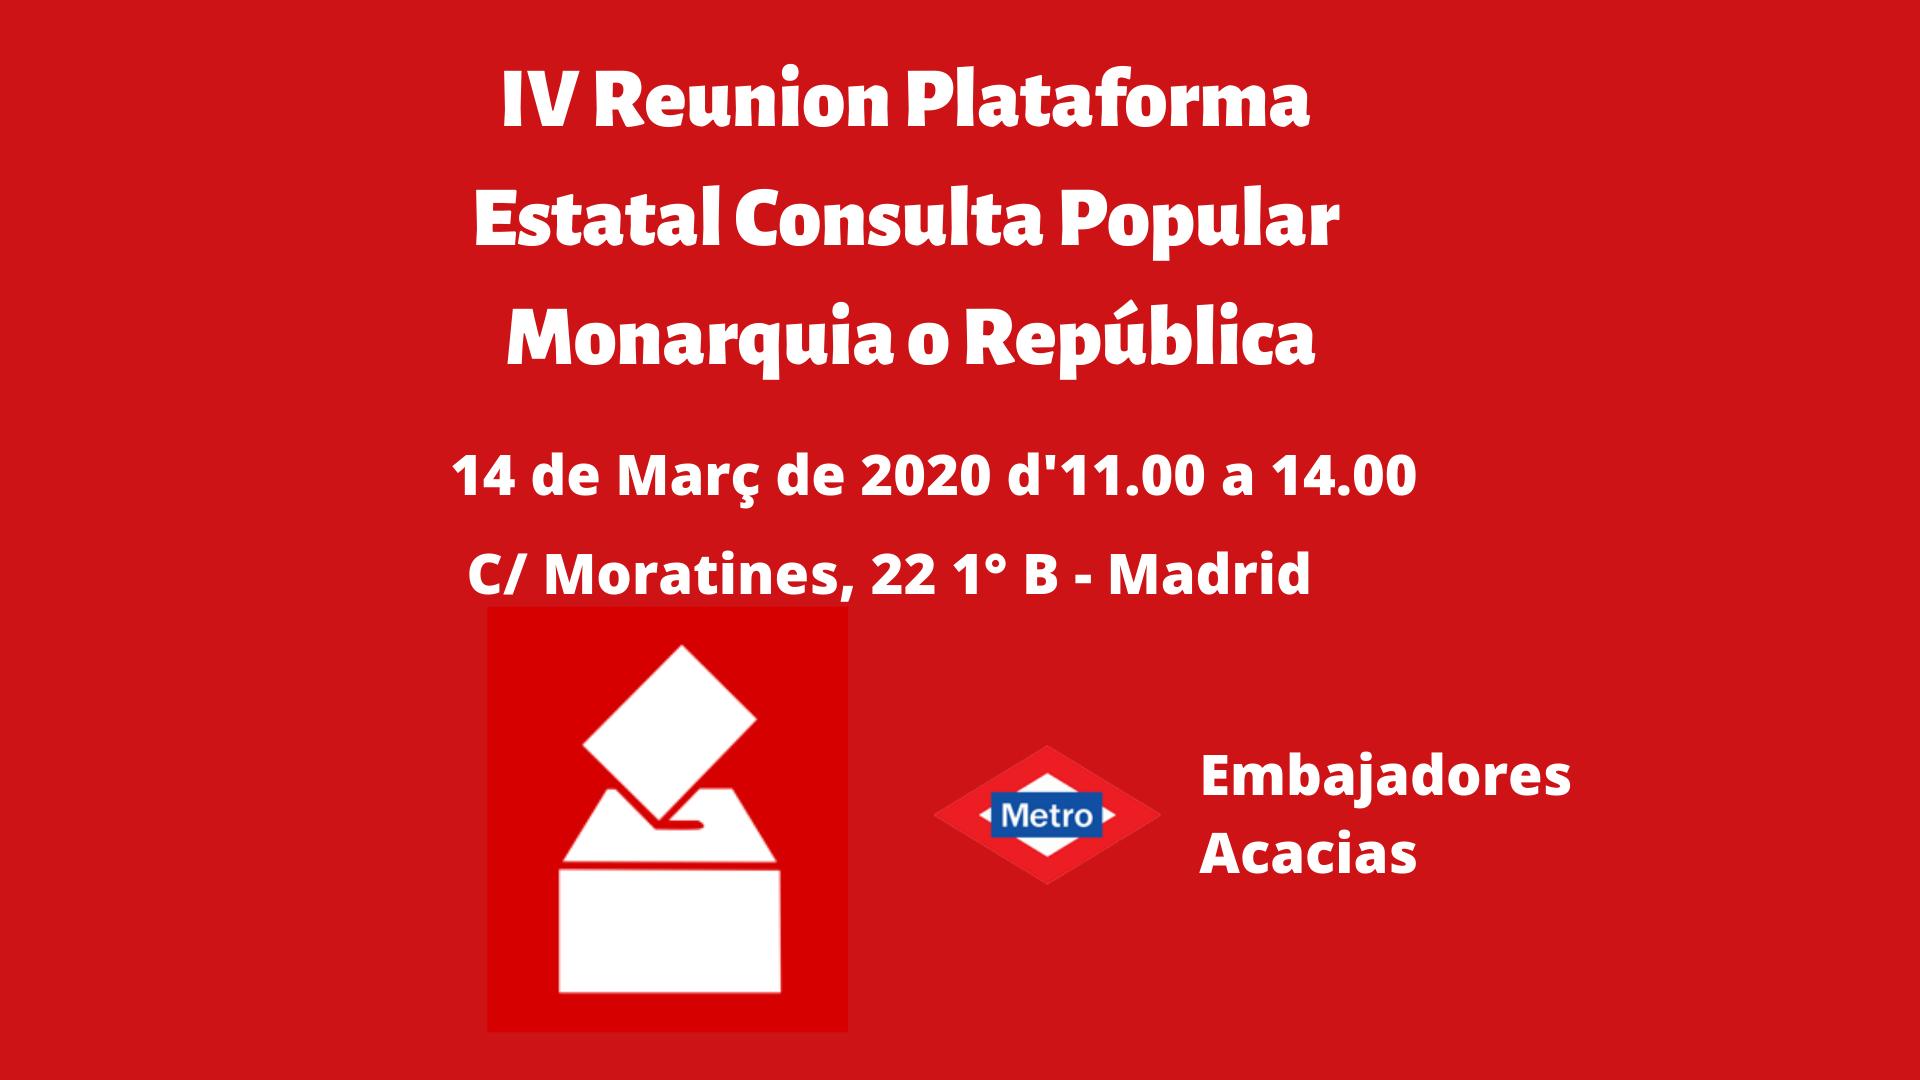 IV Reunion Plataforma Estatal Consulta Popular Monarquia o República